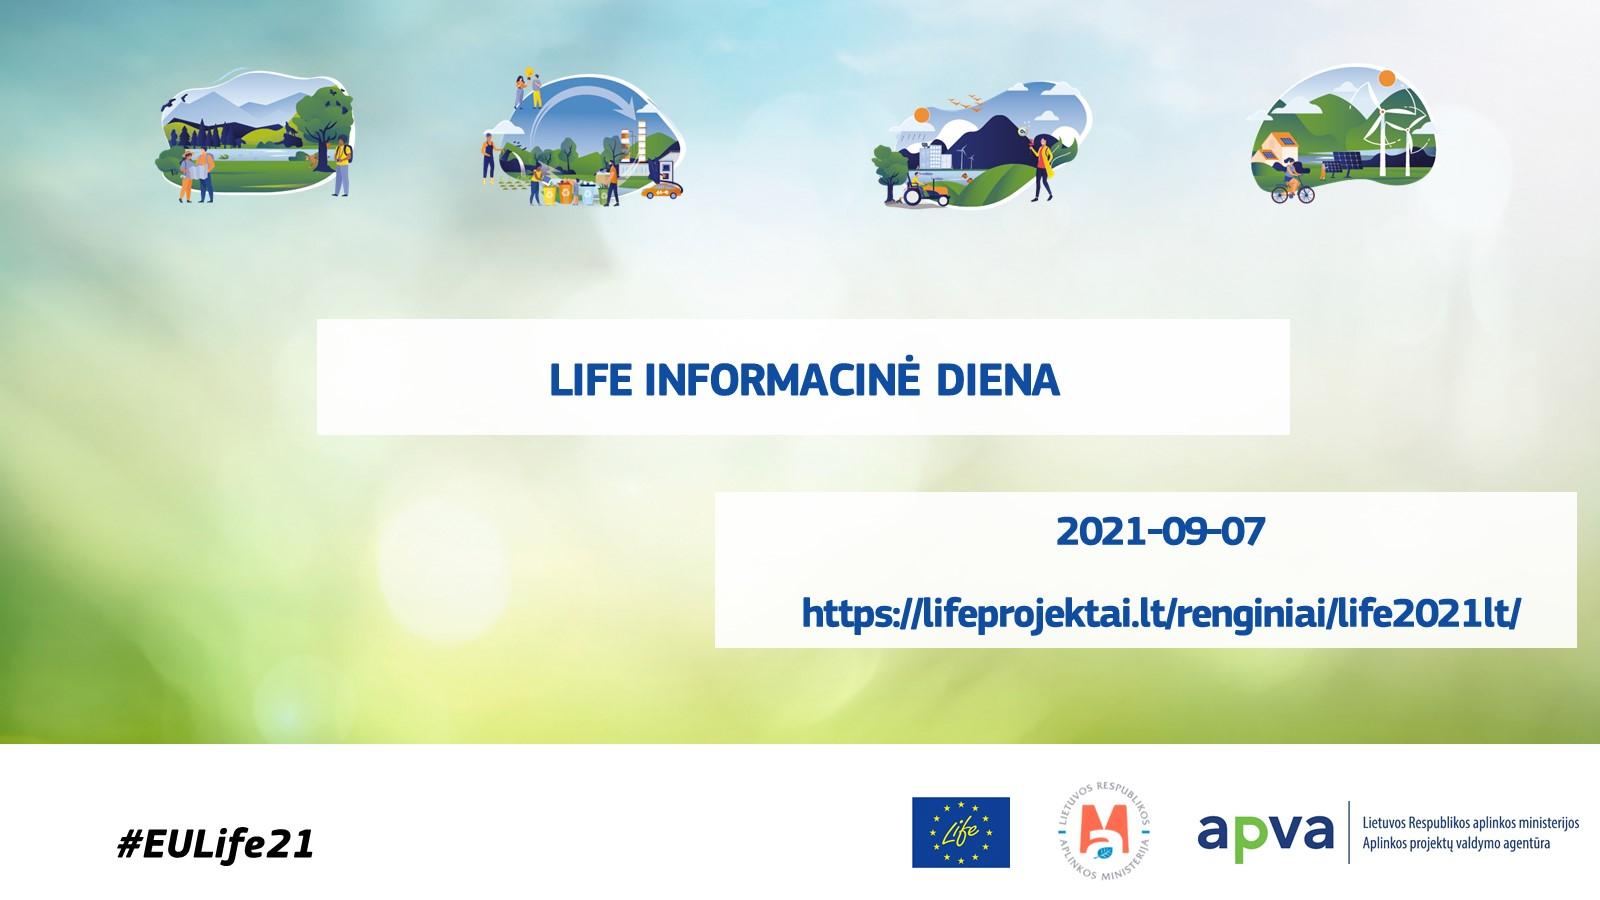 LIFE informacin4 diena banner